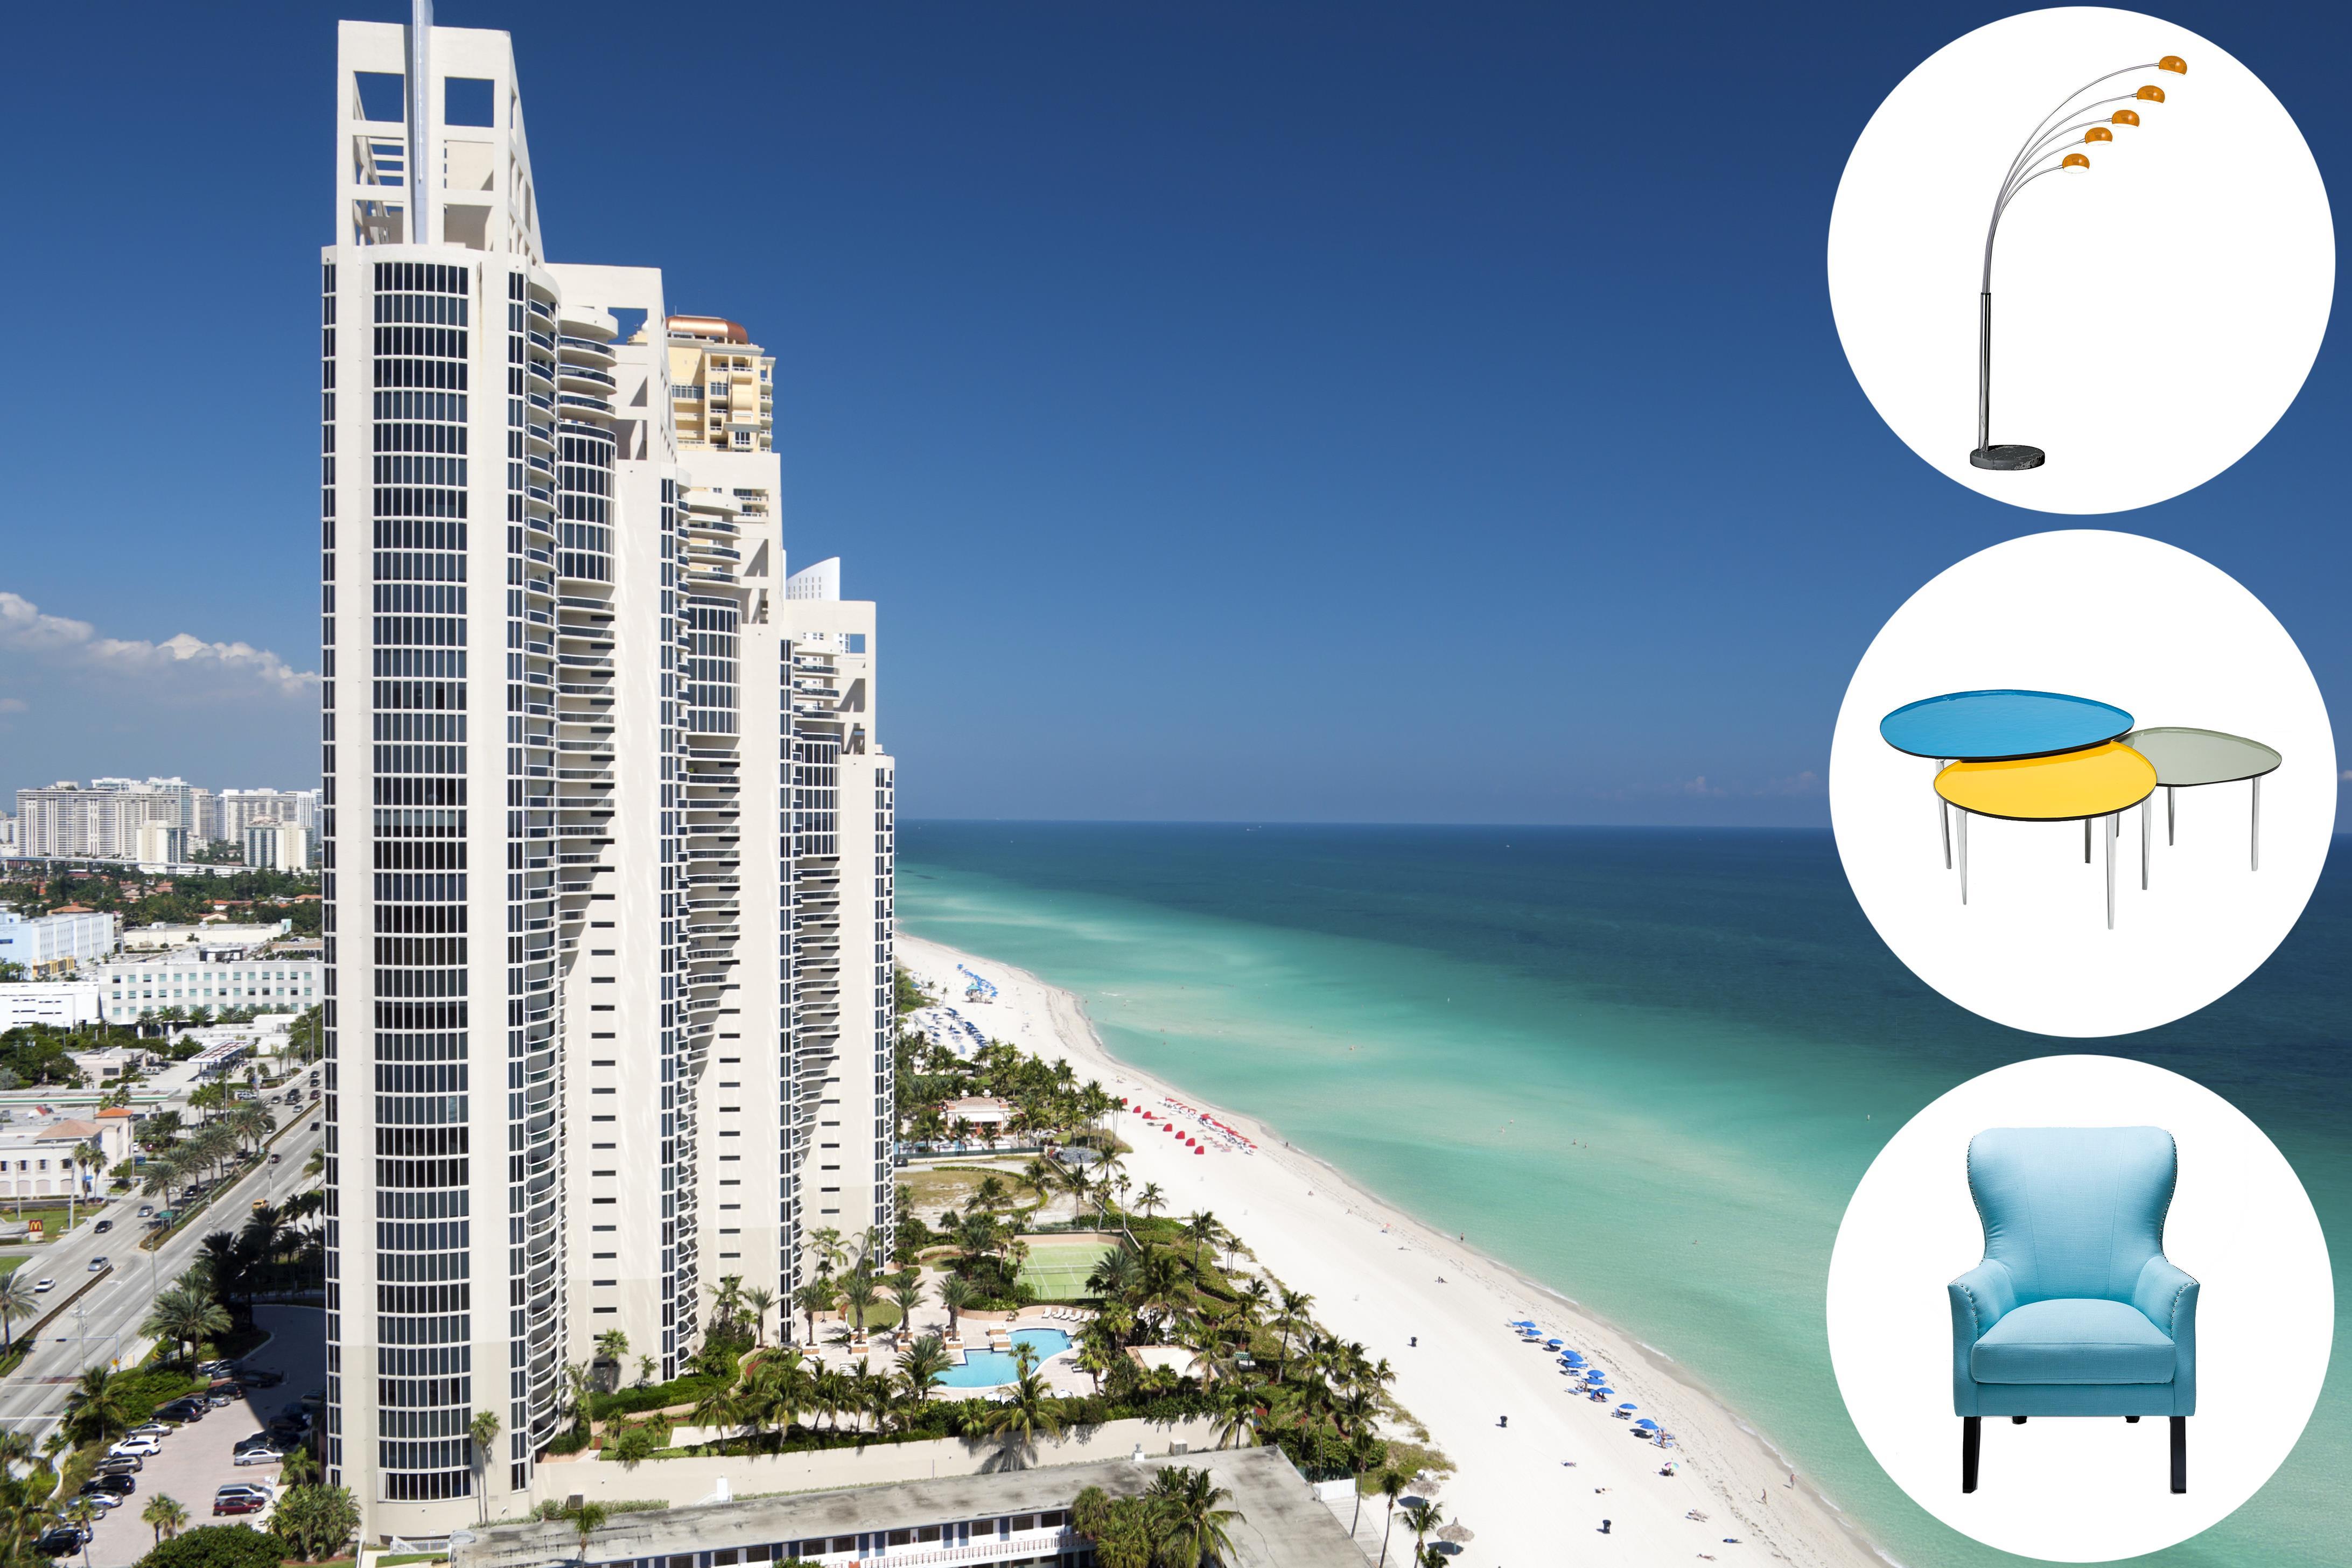 Dalani, Miami, Ispirazioni, Vintage, Arte, Colori, Cinema, Design, Style